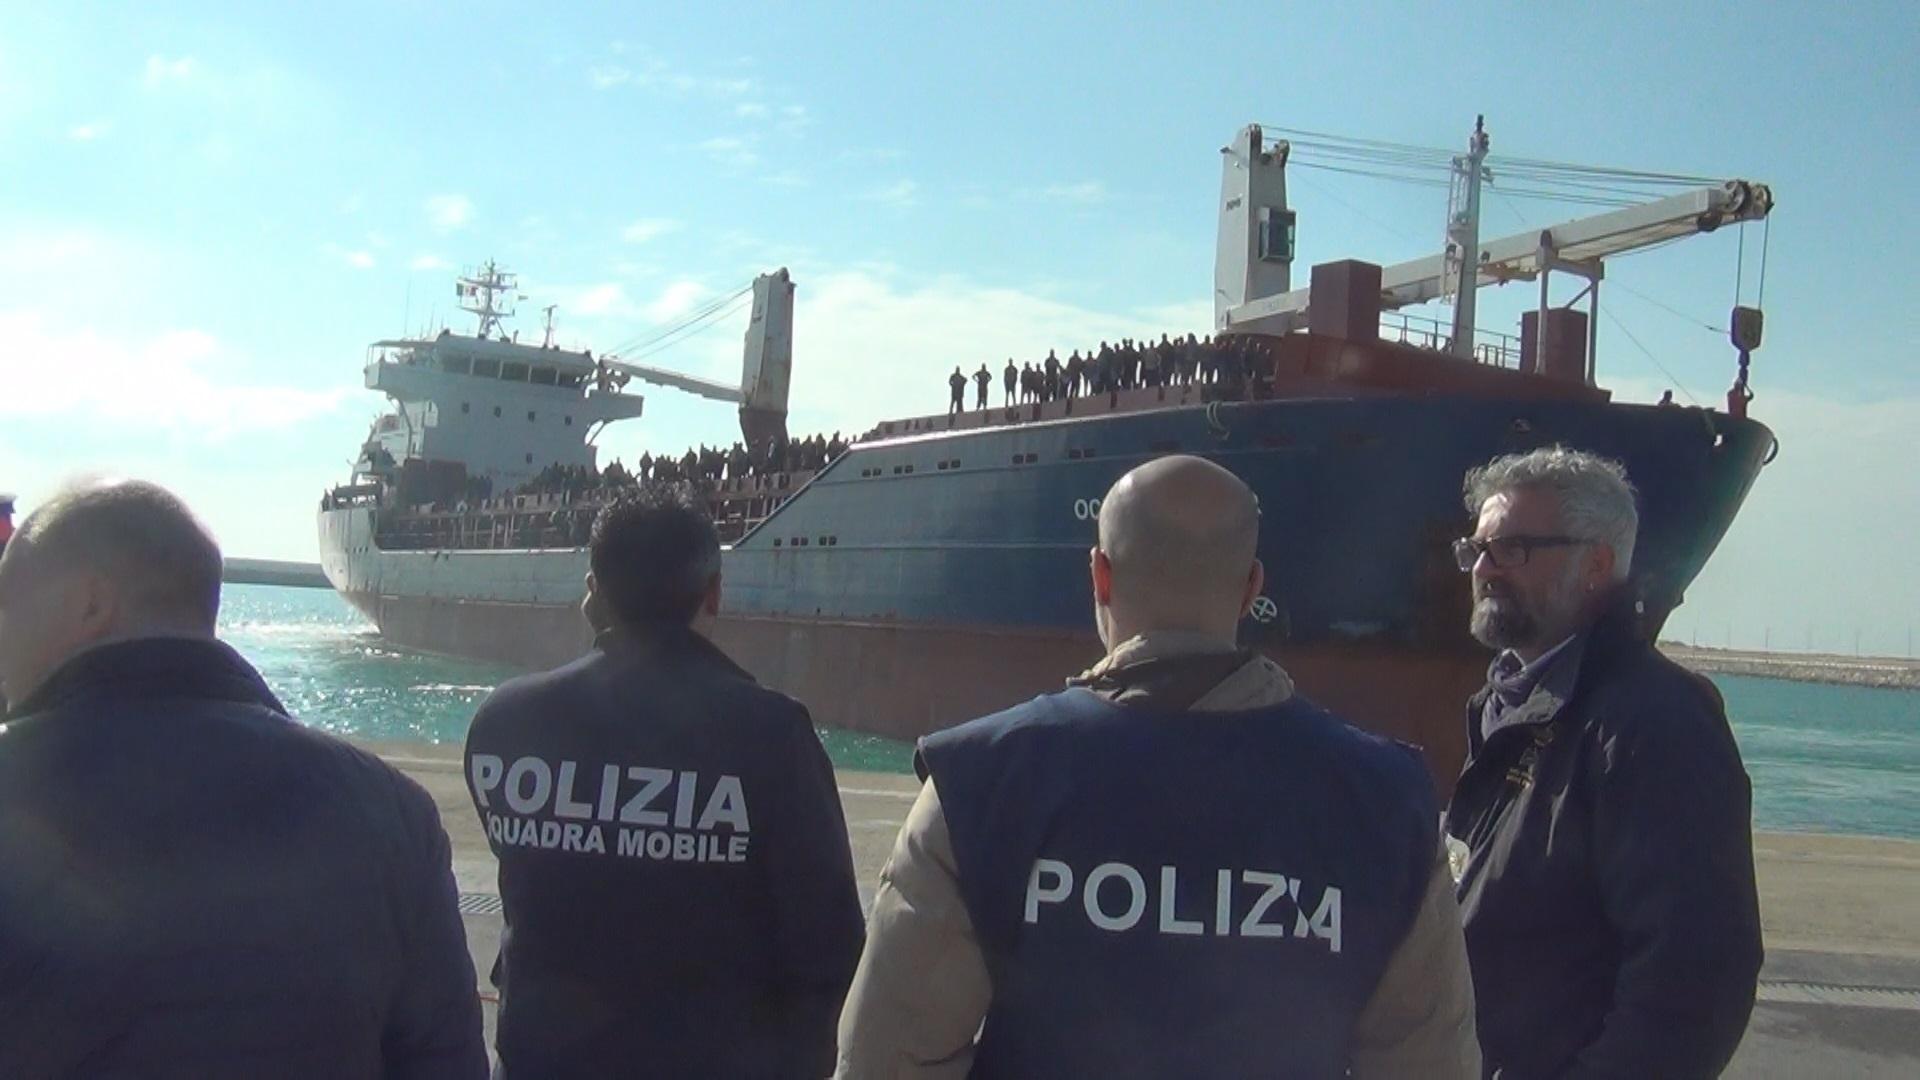 Migranti: sbarco a Pozzallo, fermati quattro presunti scafisti